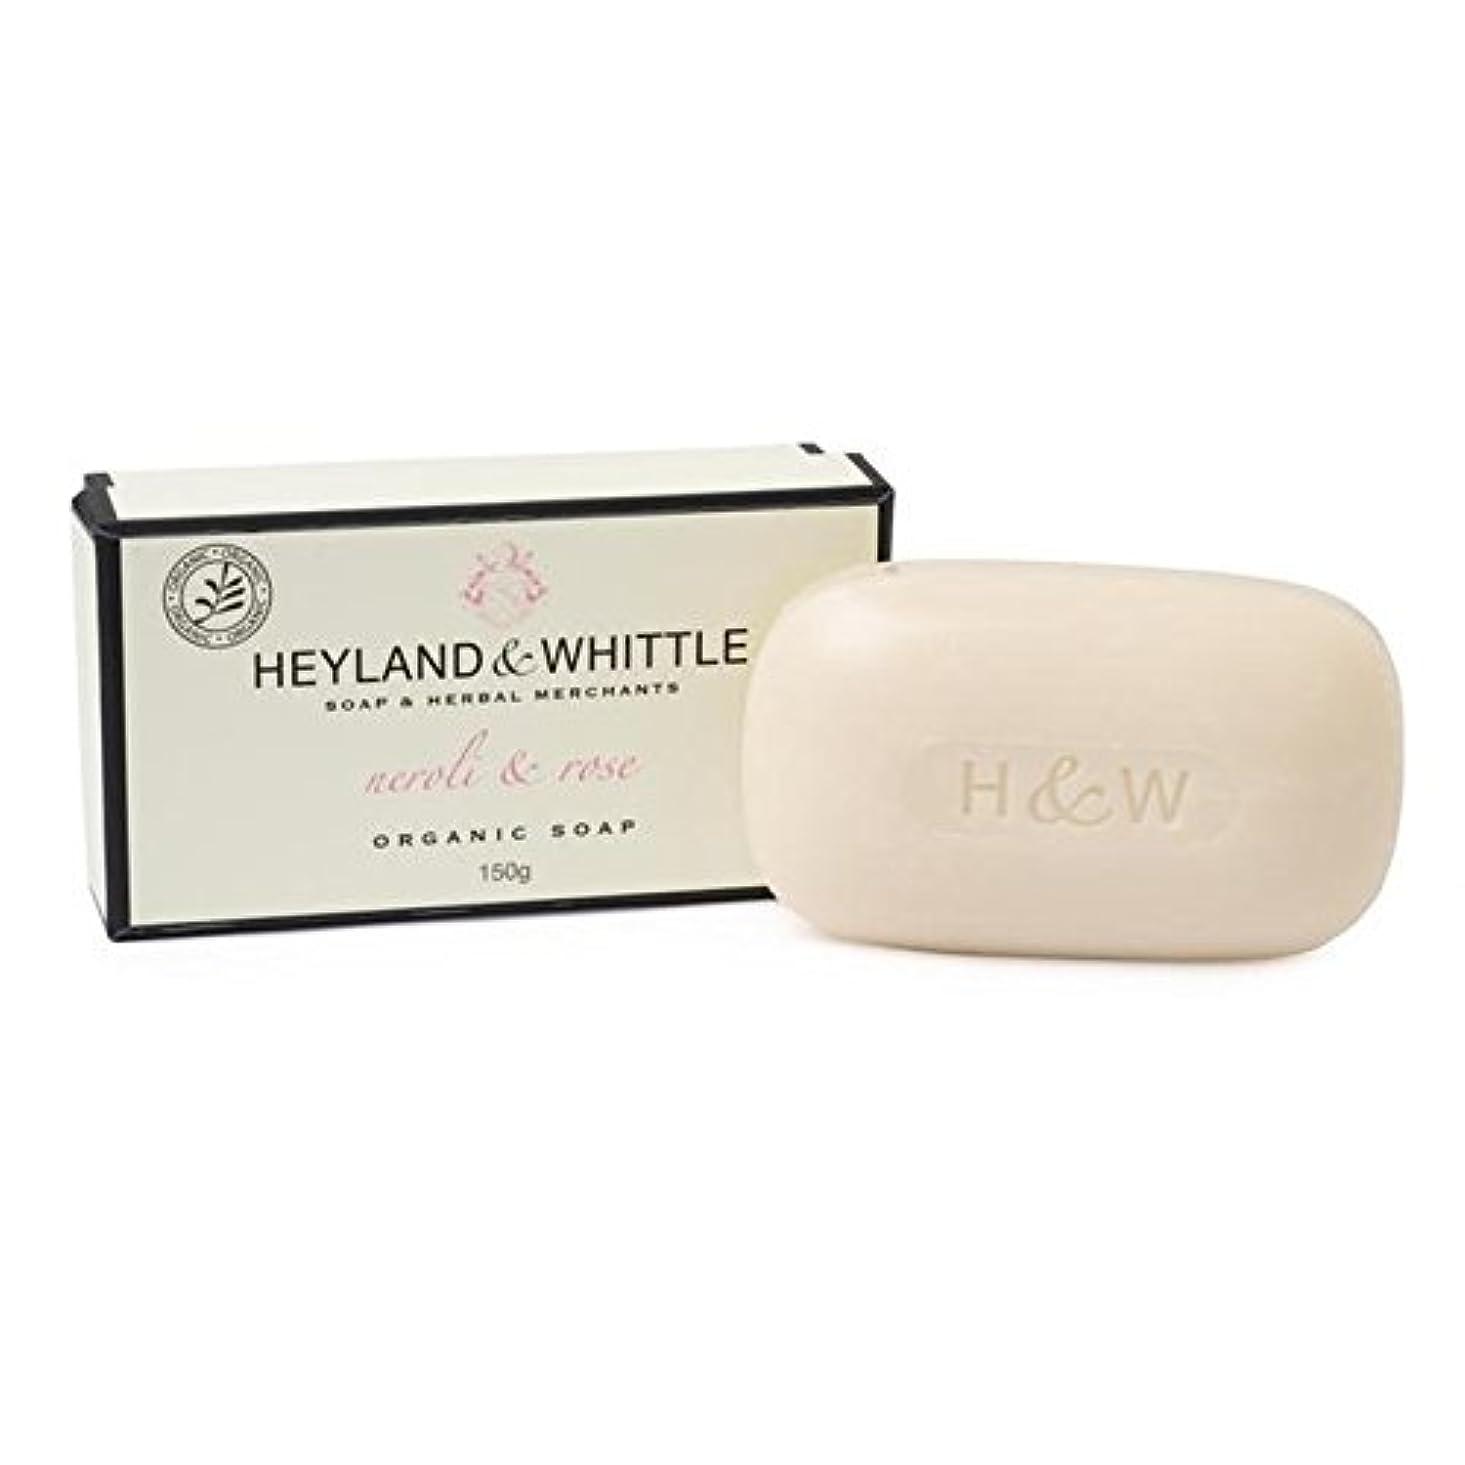 再開価値正気Heyland & Whittle Organic Neroli & Rose Soap Bar 150g - &削る有機ネロリ&ソープバー150グラムをバラ [並行輸入品]